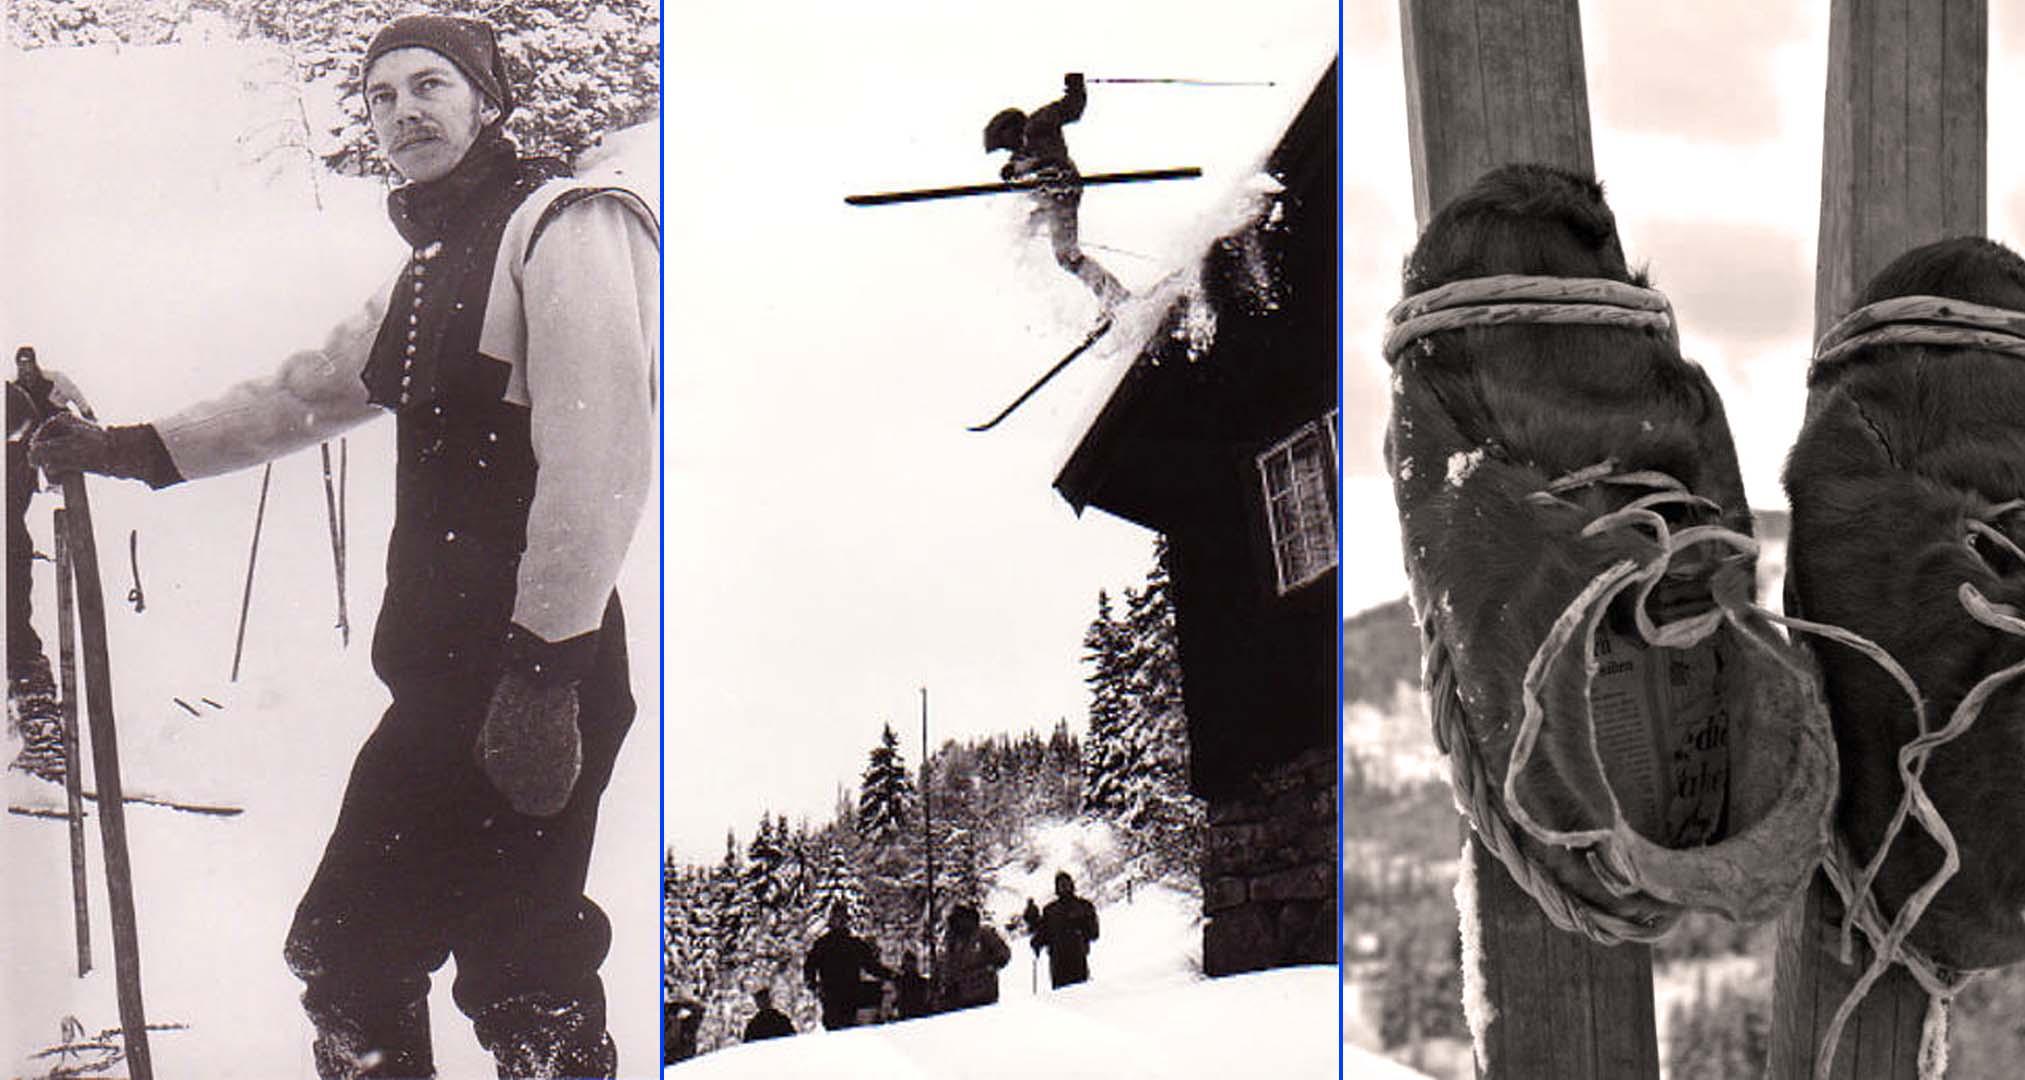 Sondre Nordheim padre del esquí moderno